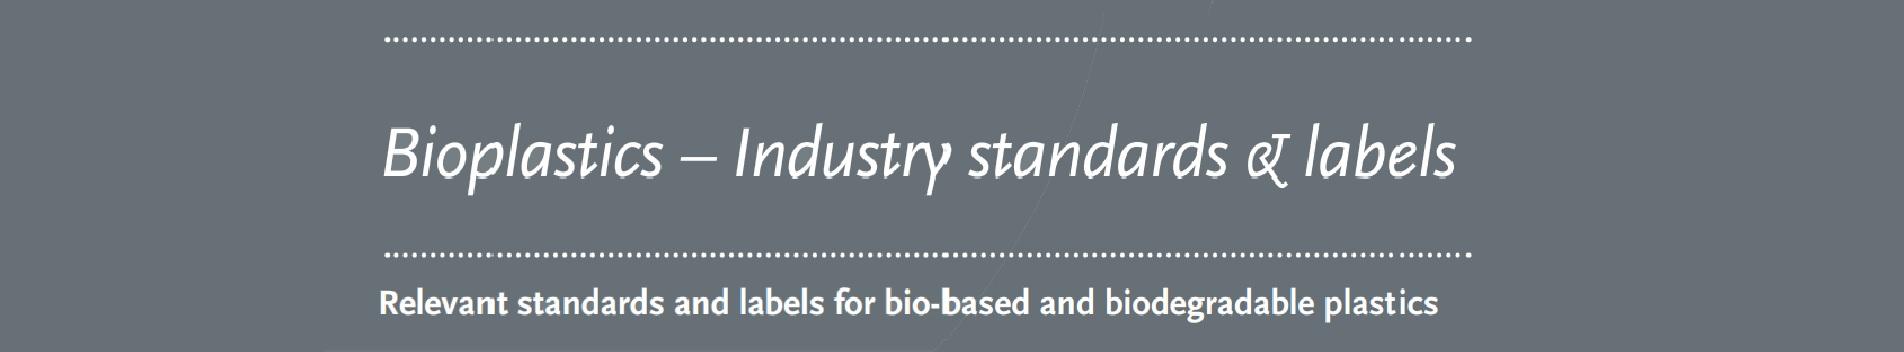 European Bioplastics publica una ficha informativa con estándares más comunes